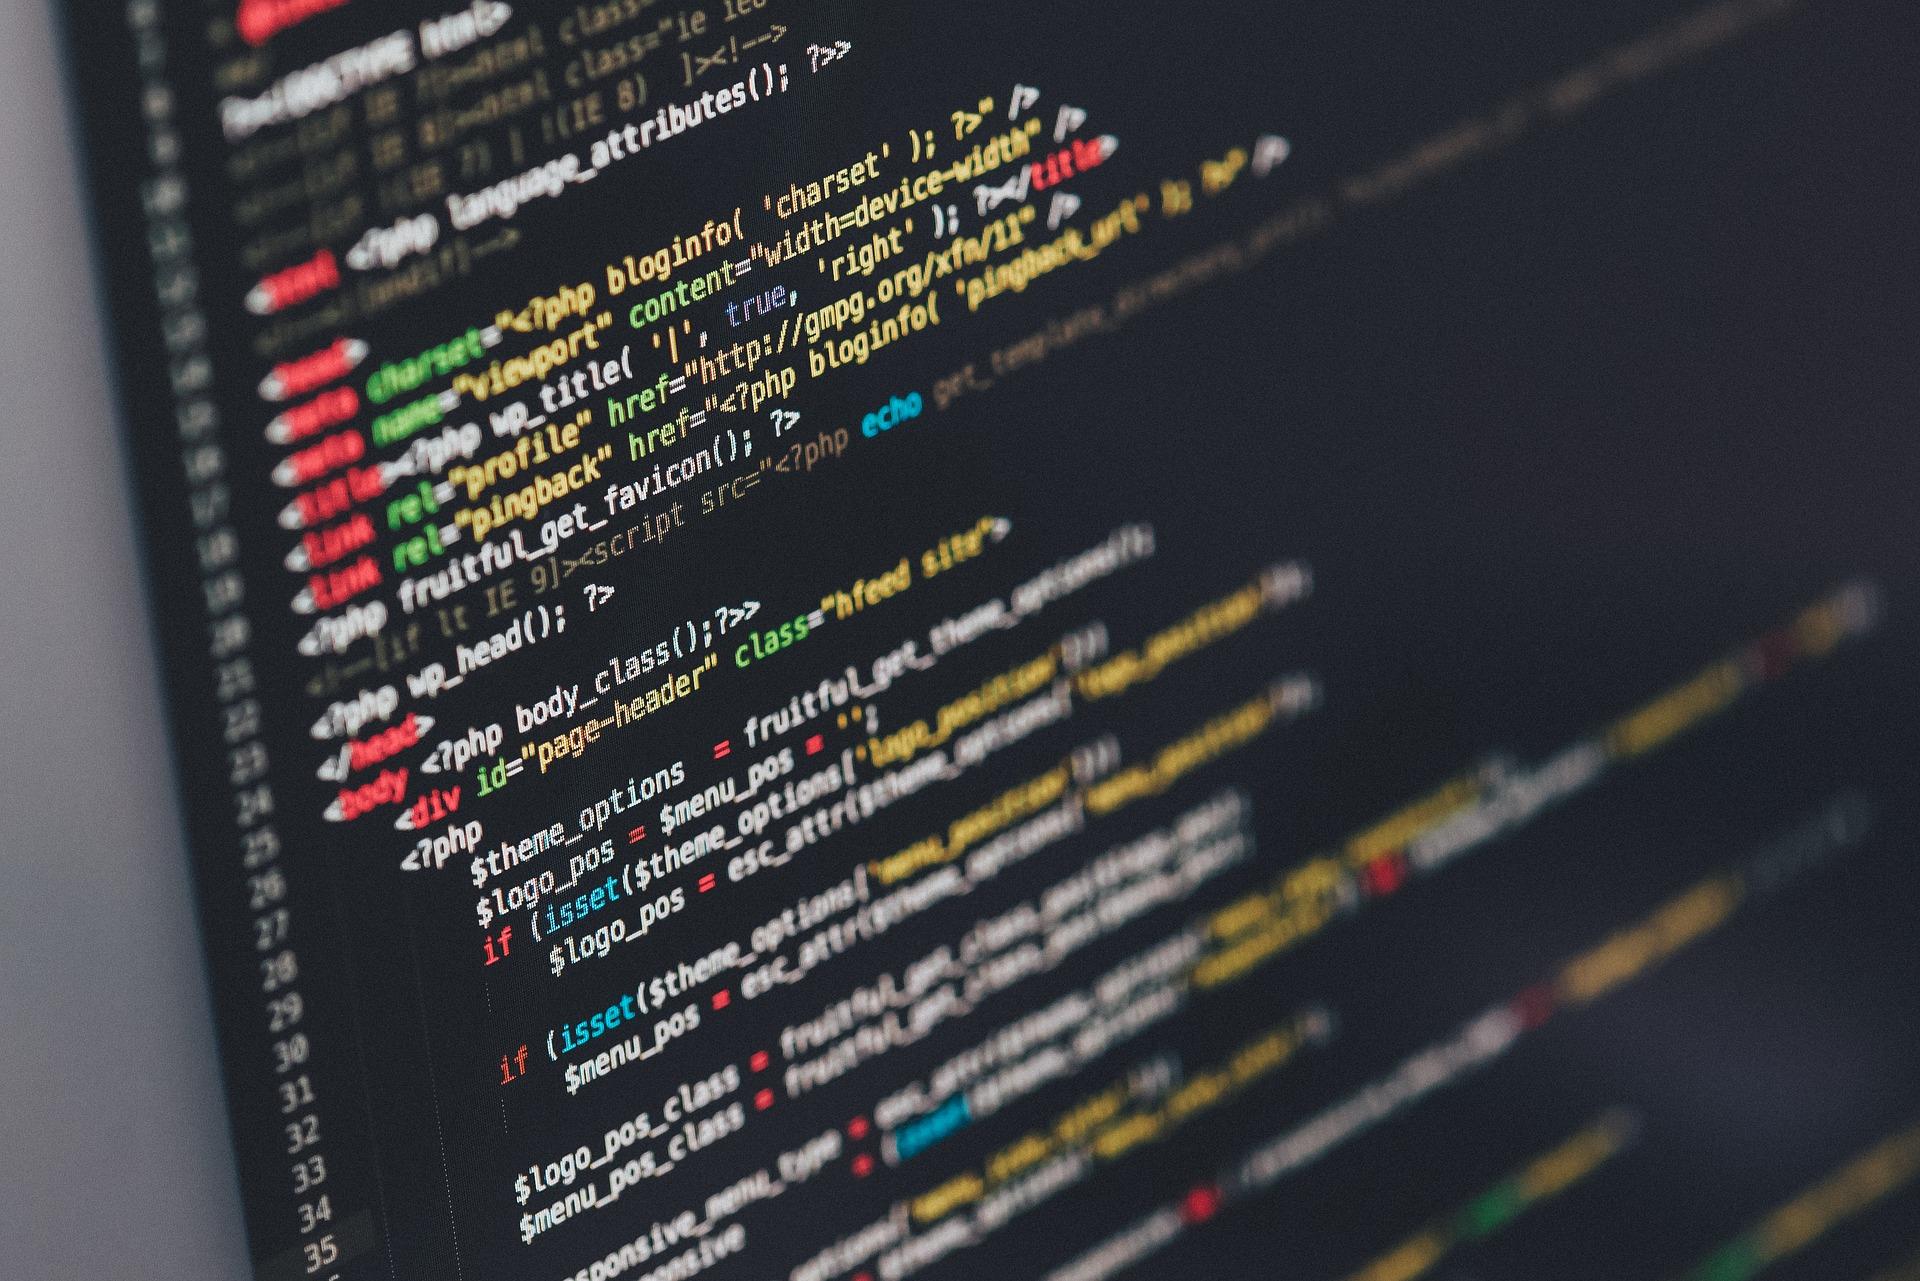 Els llenguatges de programació i el seu ordre lògic d'aprenentatge